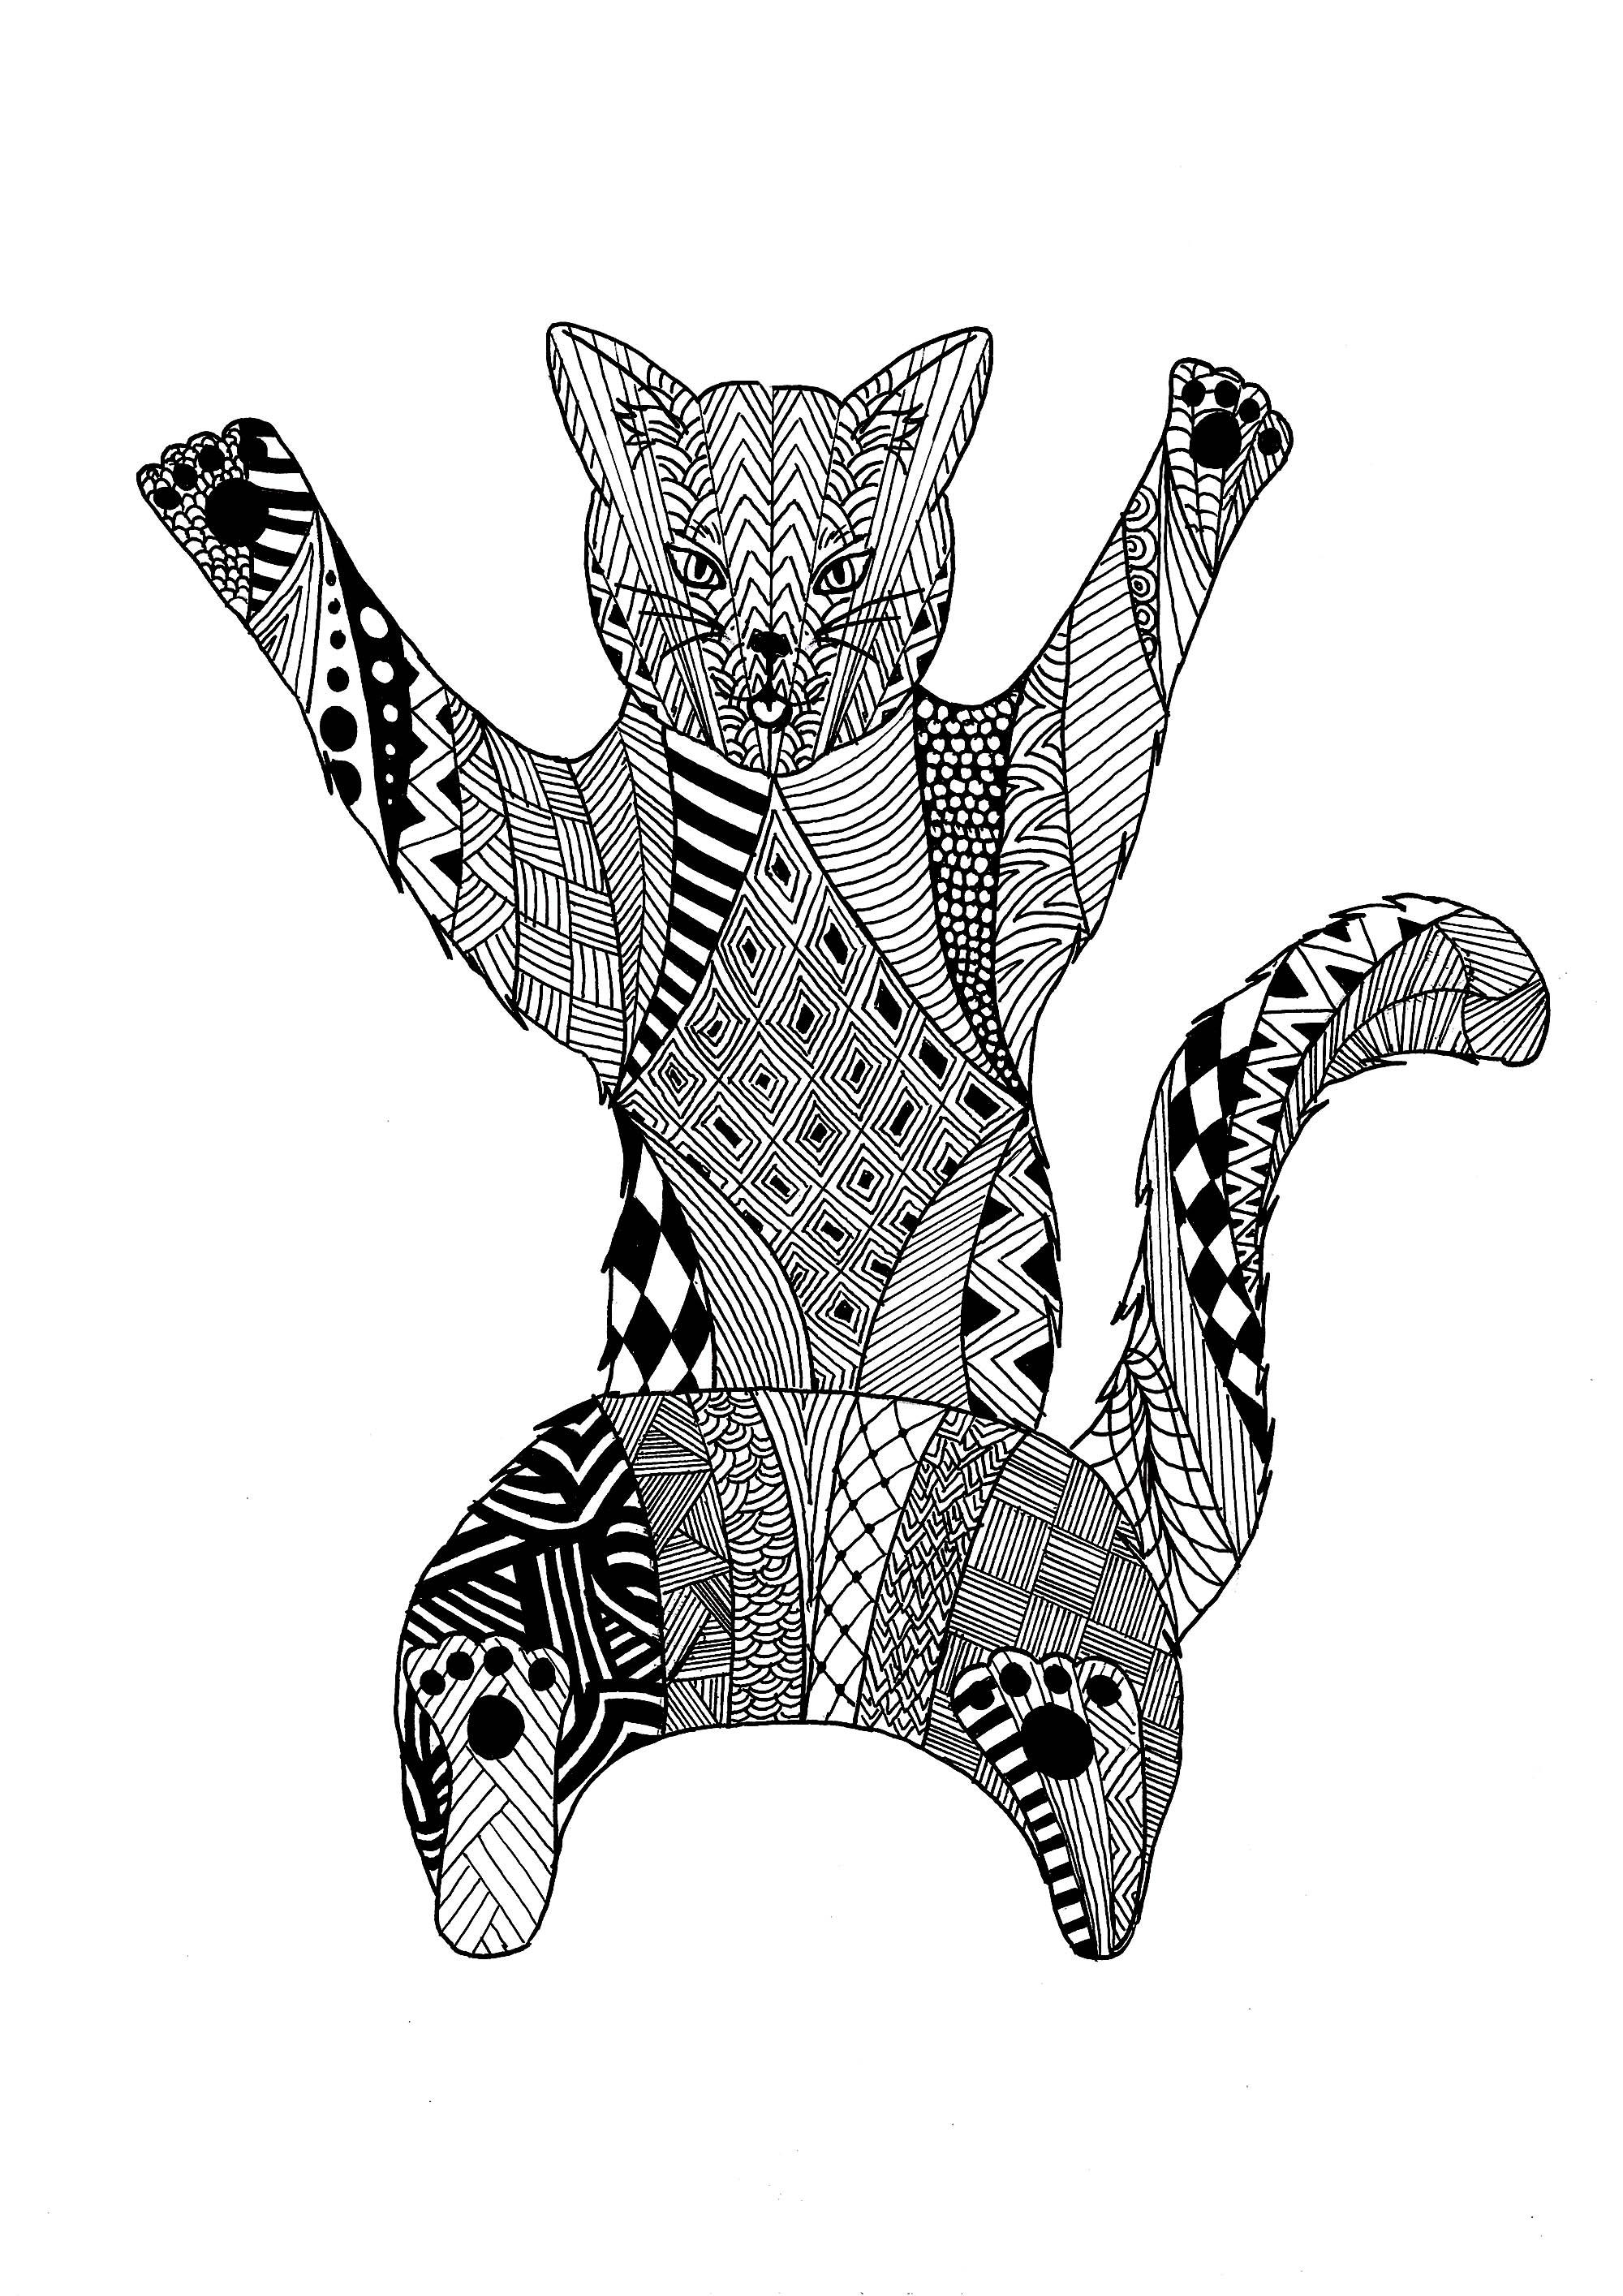 Disegni da colorare per adulti : Gatti - 23